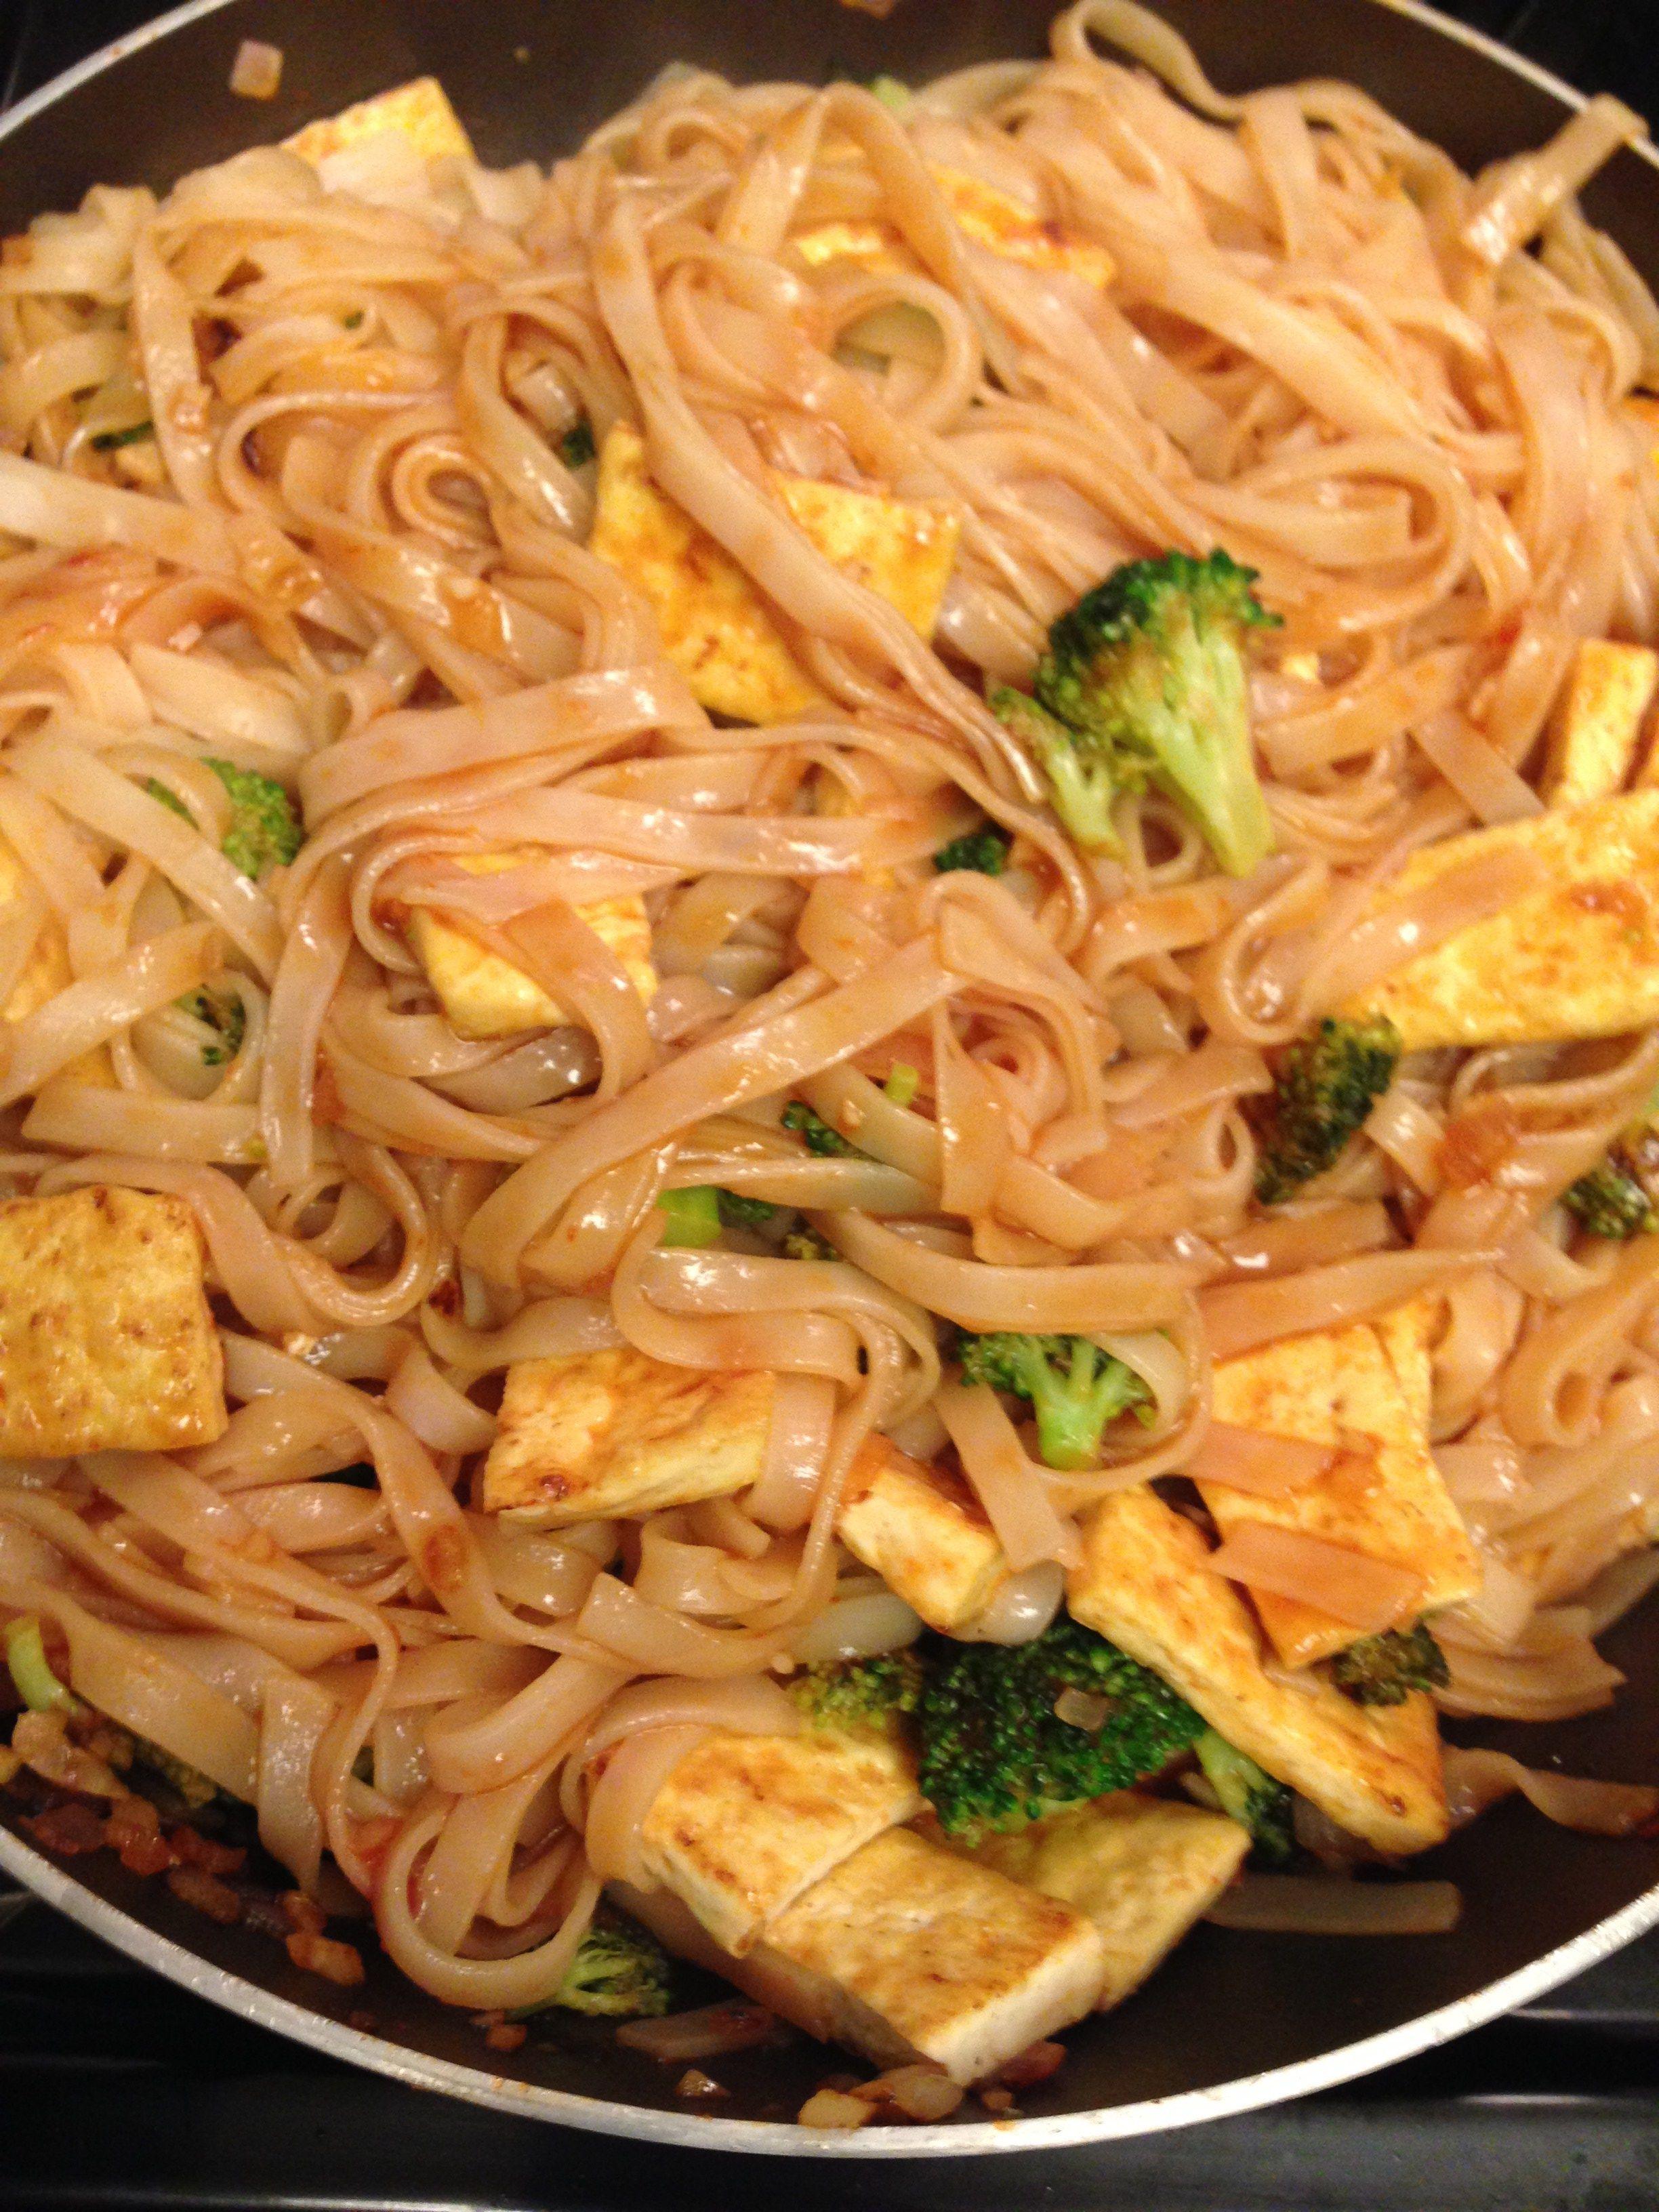 Thai Kitchen Pad Thai Thug Kitchenpad Thai  Food  Pinterest  Vegetable Pad Thai